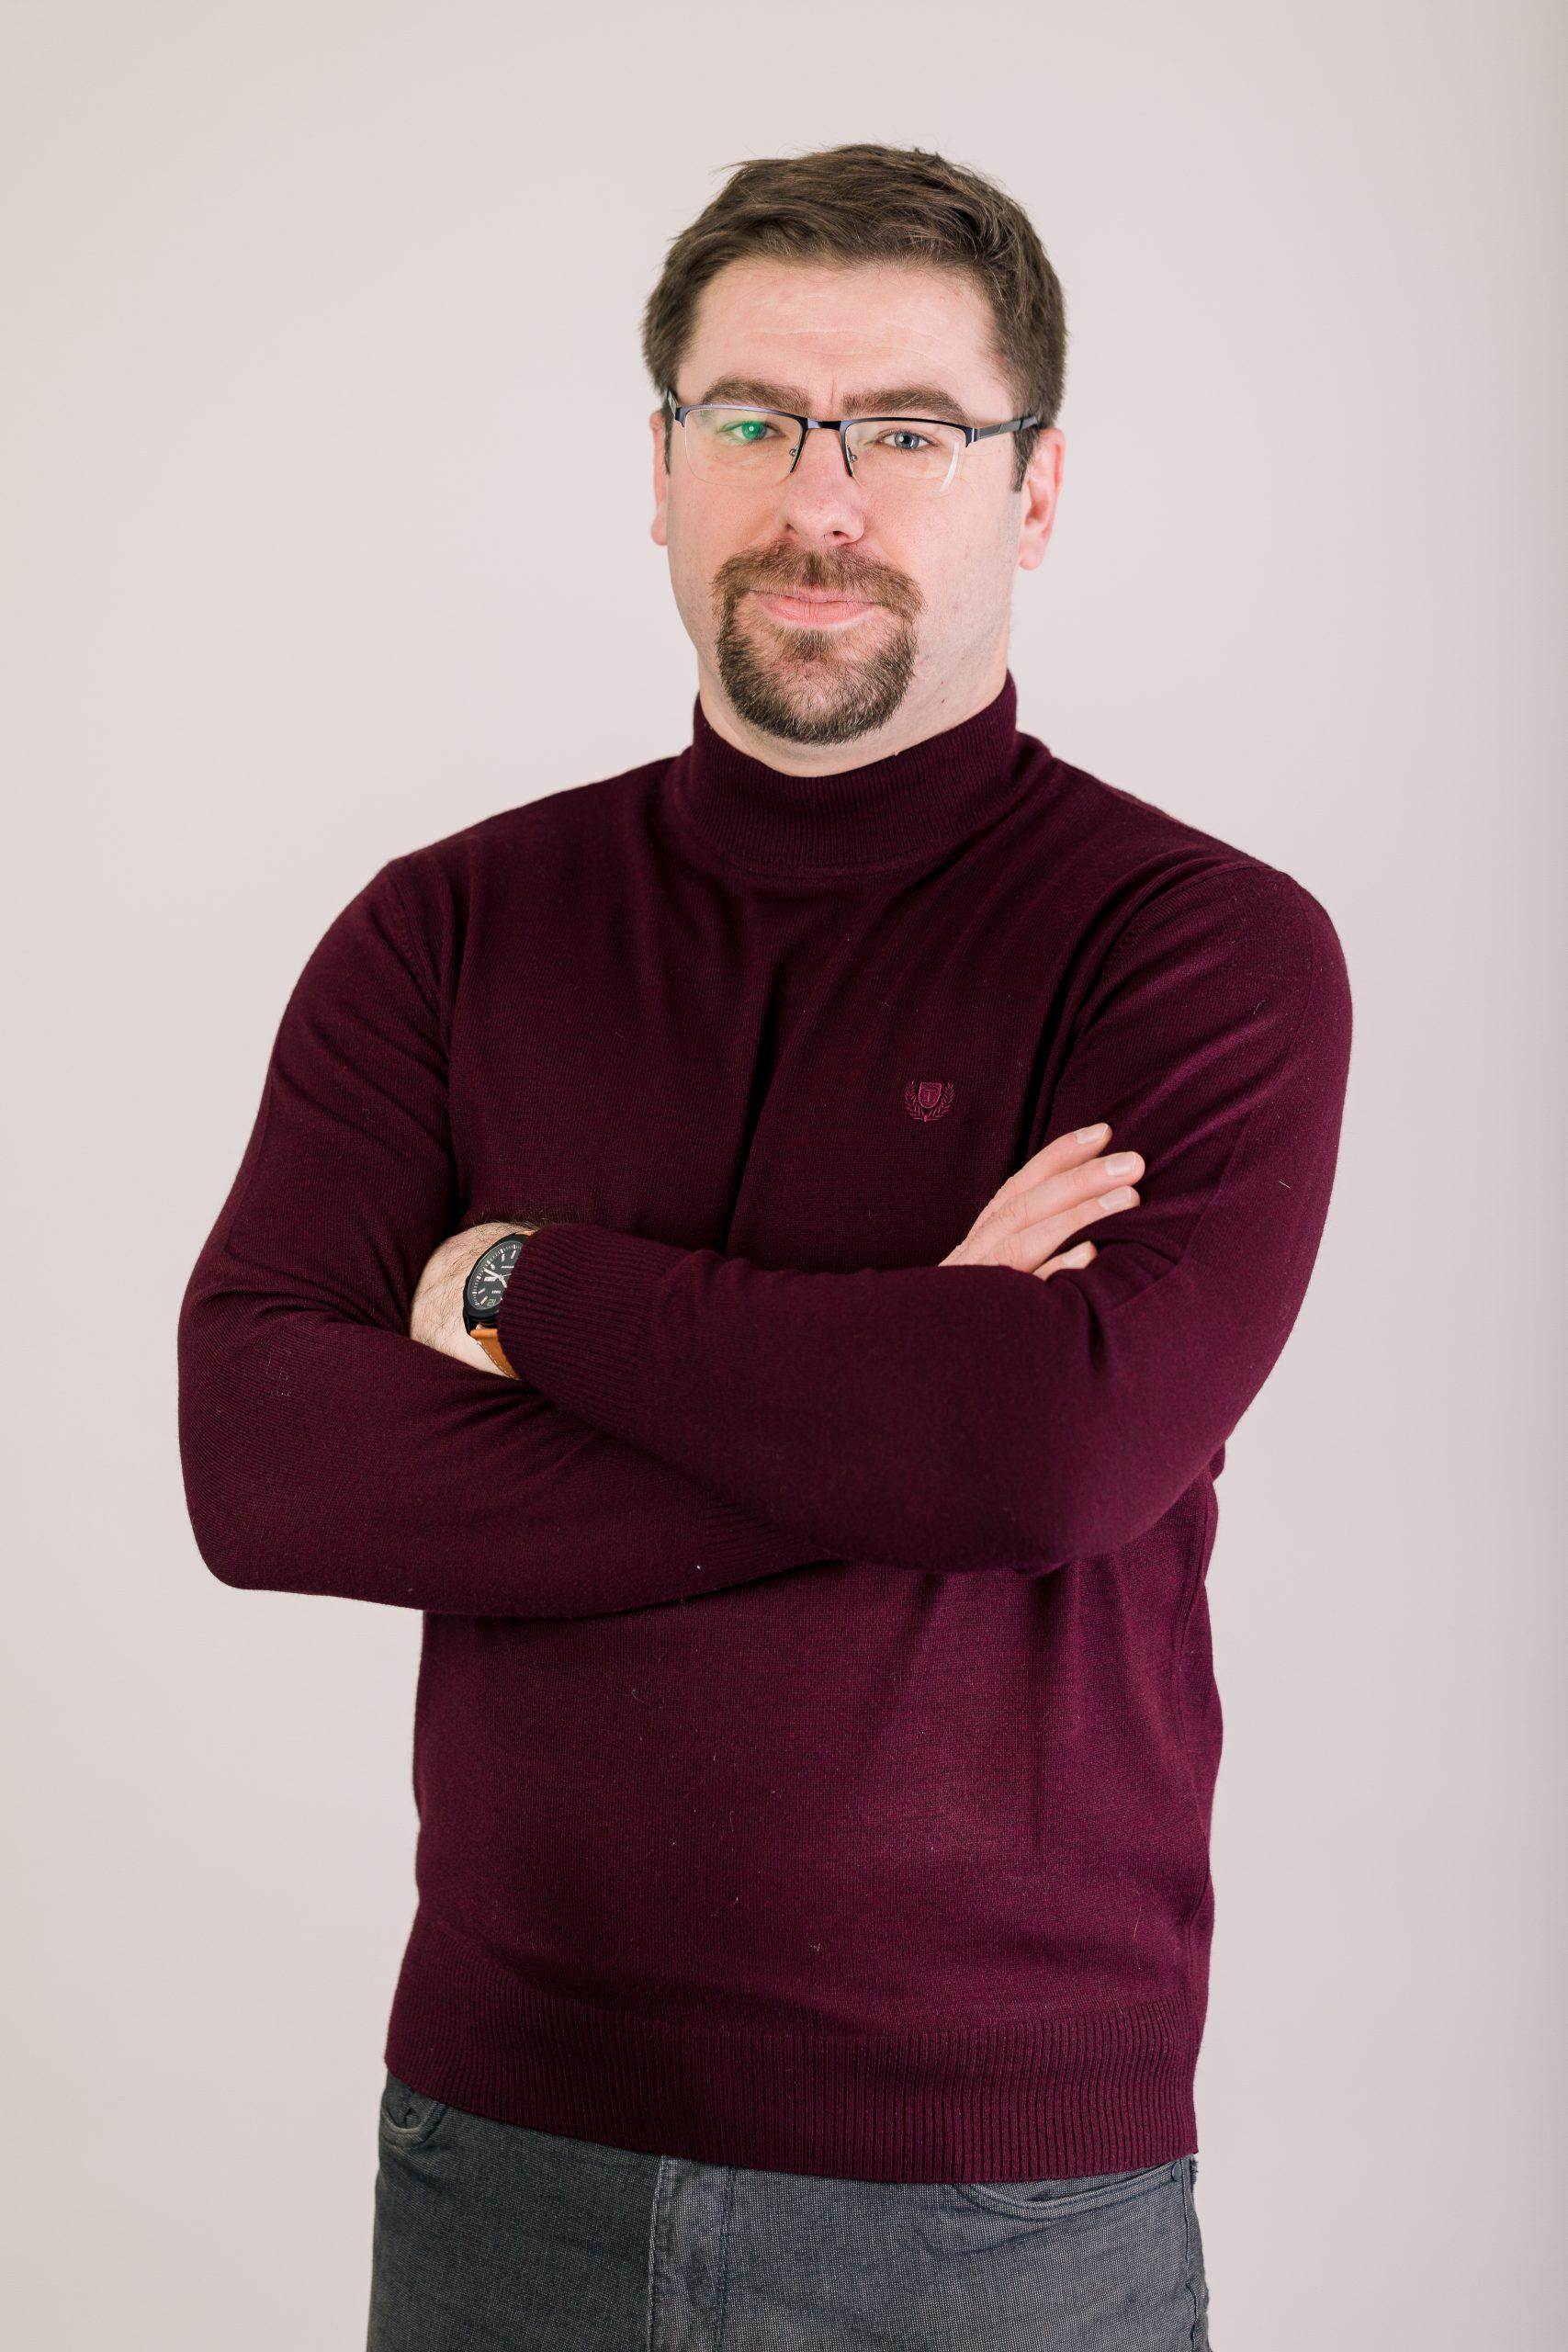 Tomasz Uzarowski